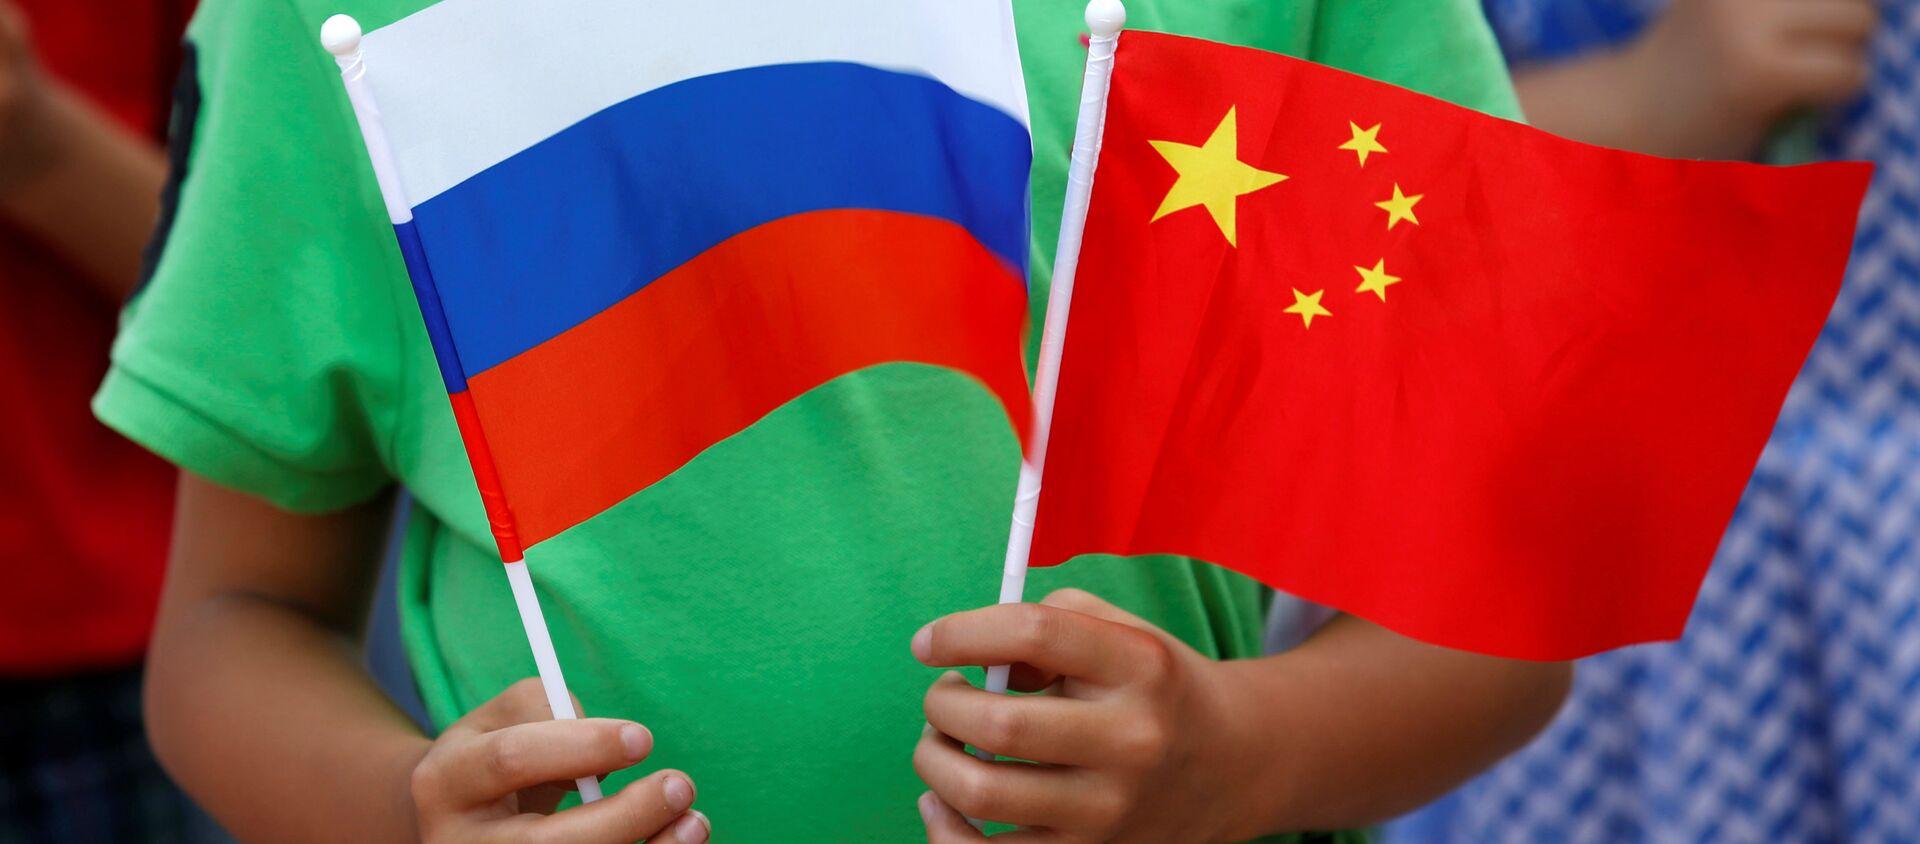 Quốc kỳ Trung Quốc và Nga - Sputnik Việt Nam, 1920, 23.03.2021